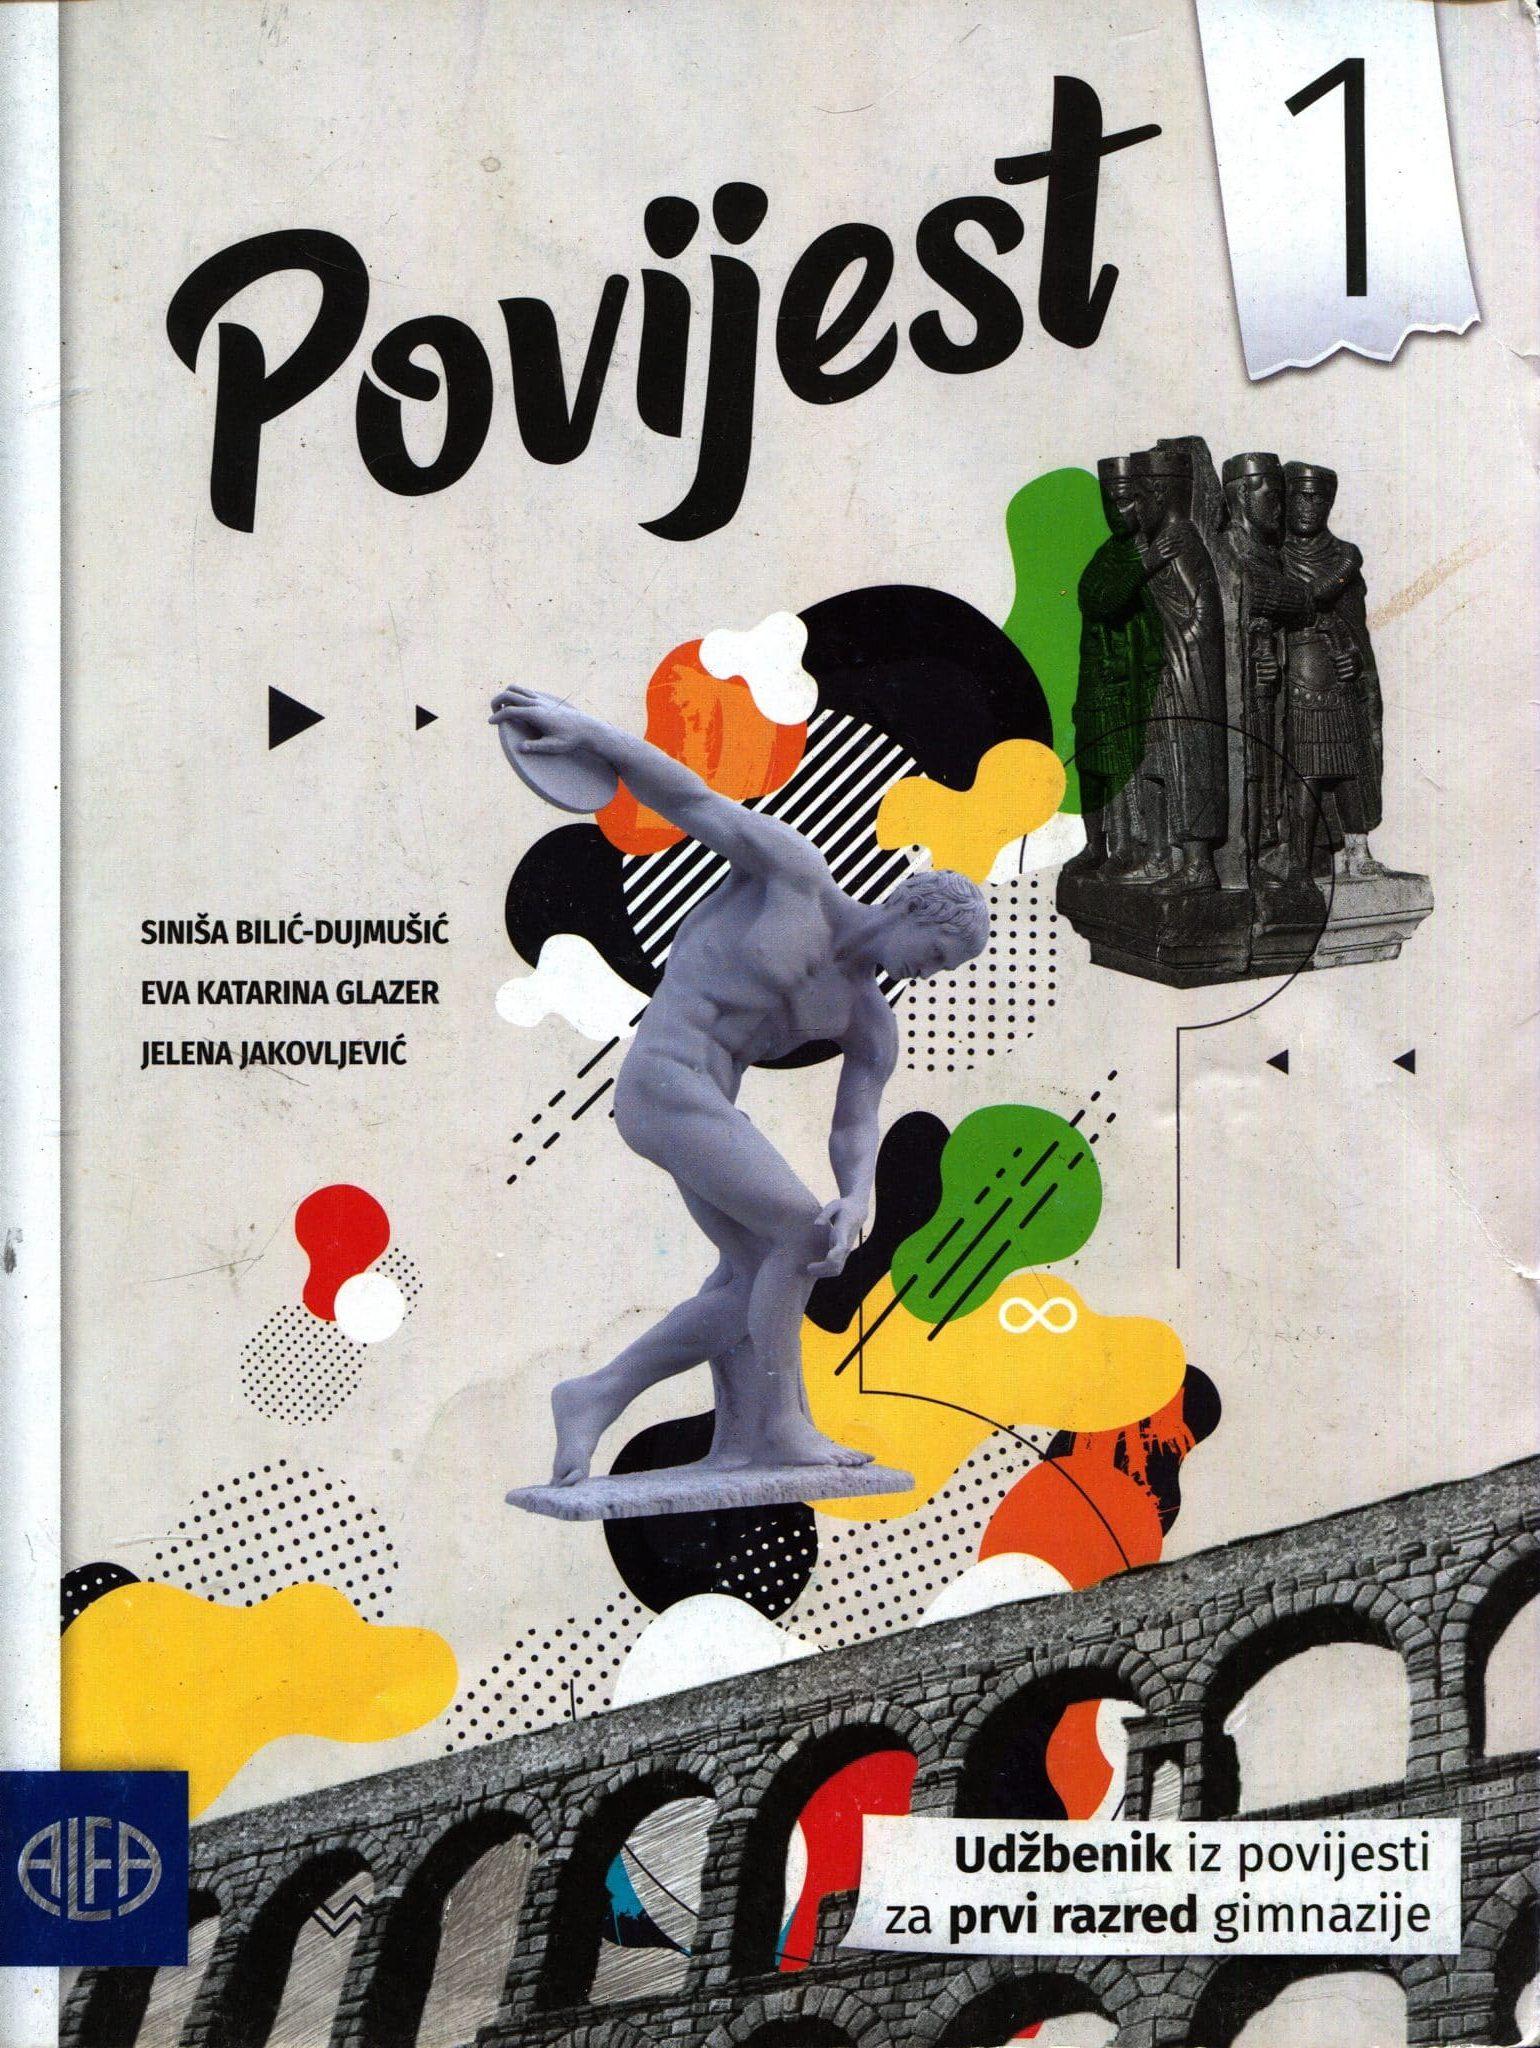 POVIJEST 1 : udžbenik iz povijesti za prvi razred gimnazije autora Siniša Bilić-Dujmušić, Eva Katarina Glazer, Jelena Jakovljević